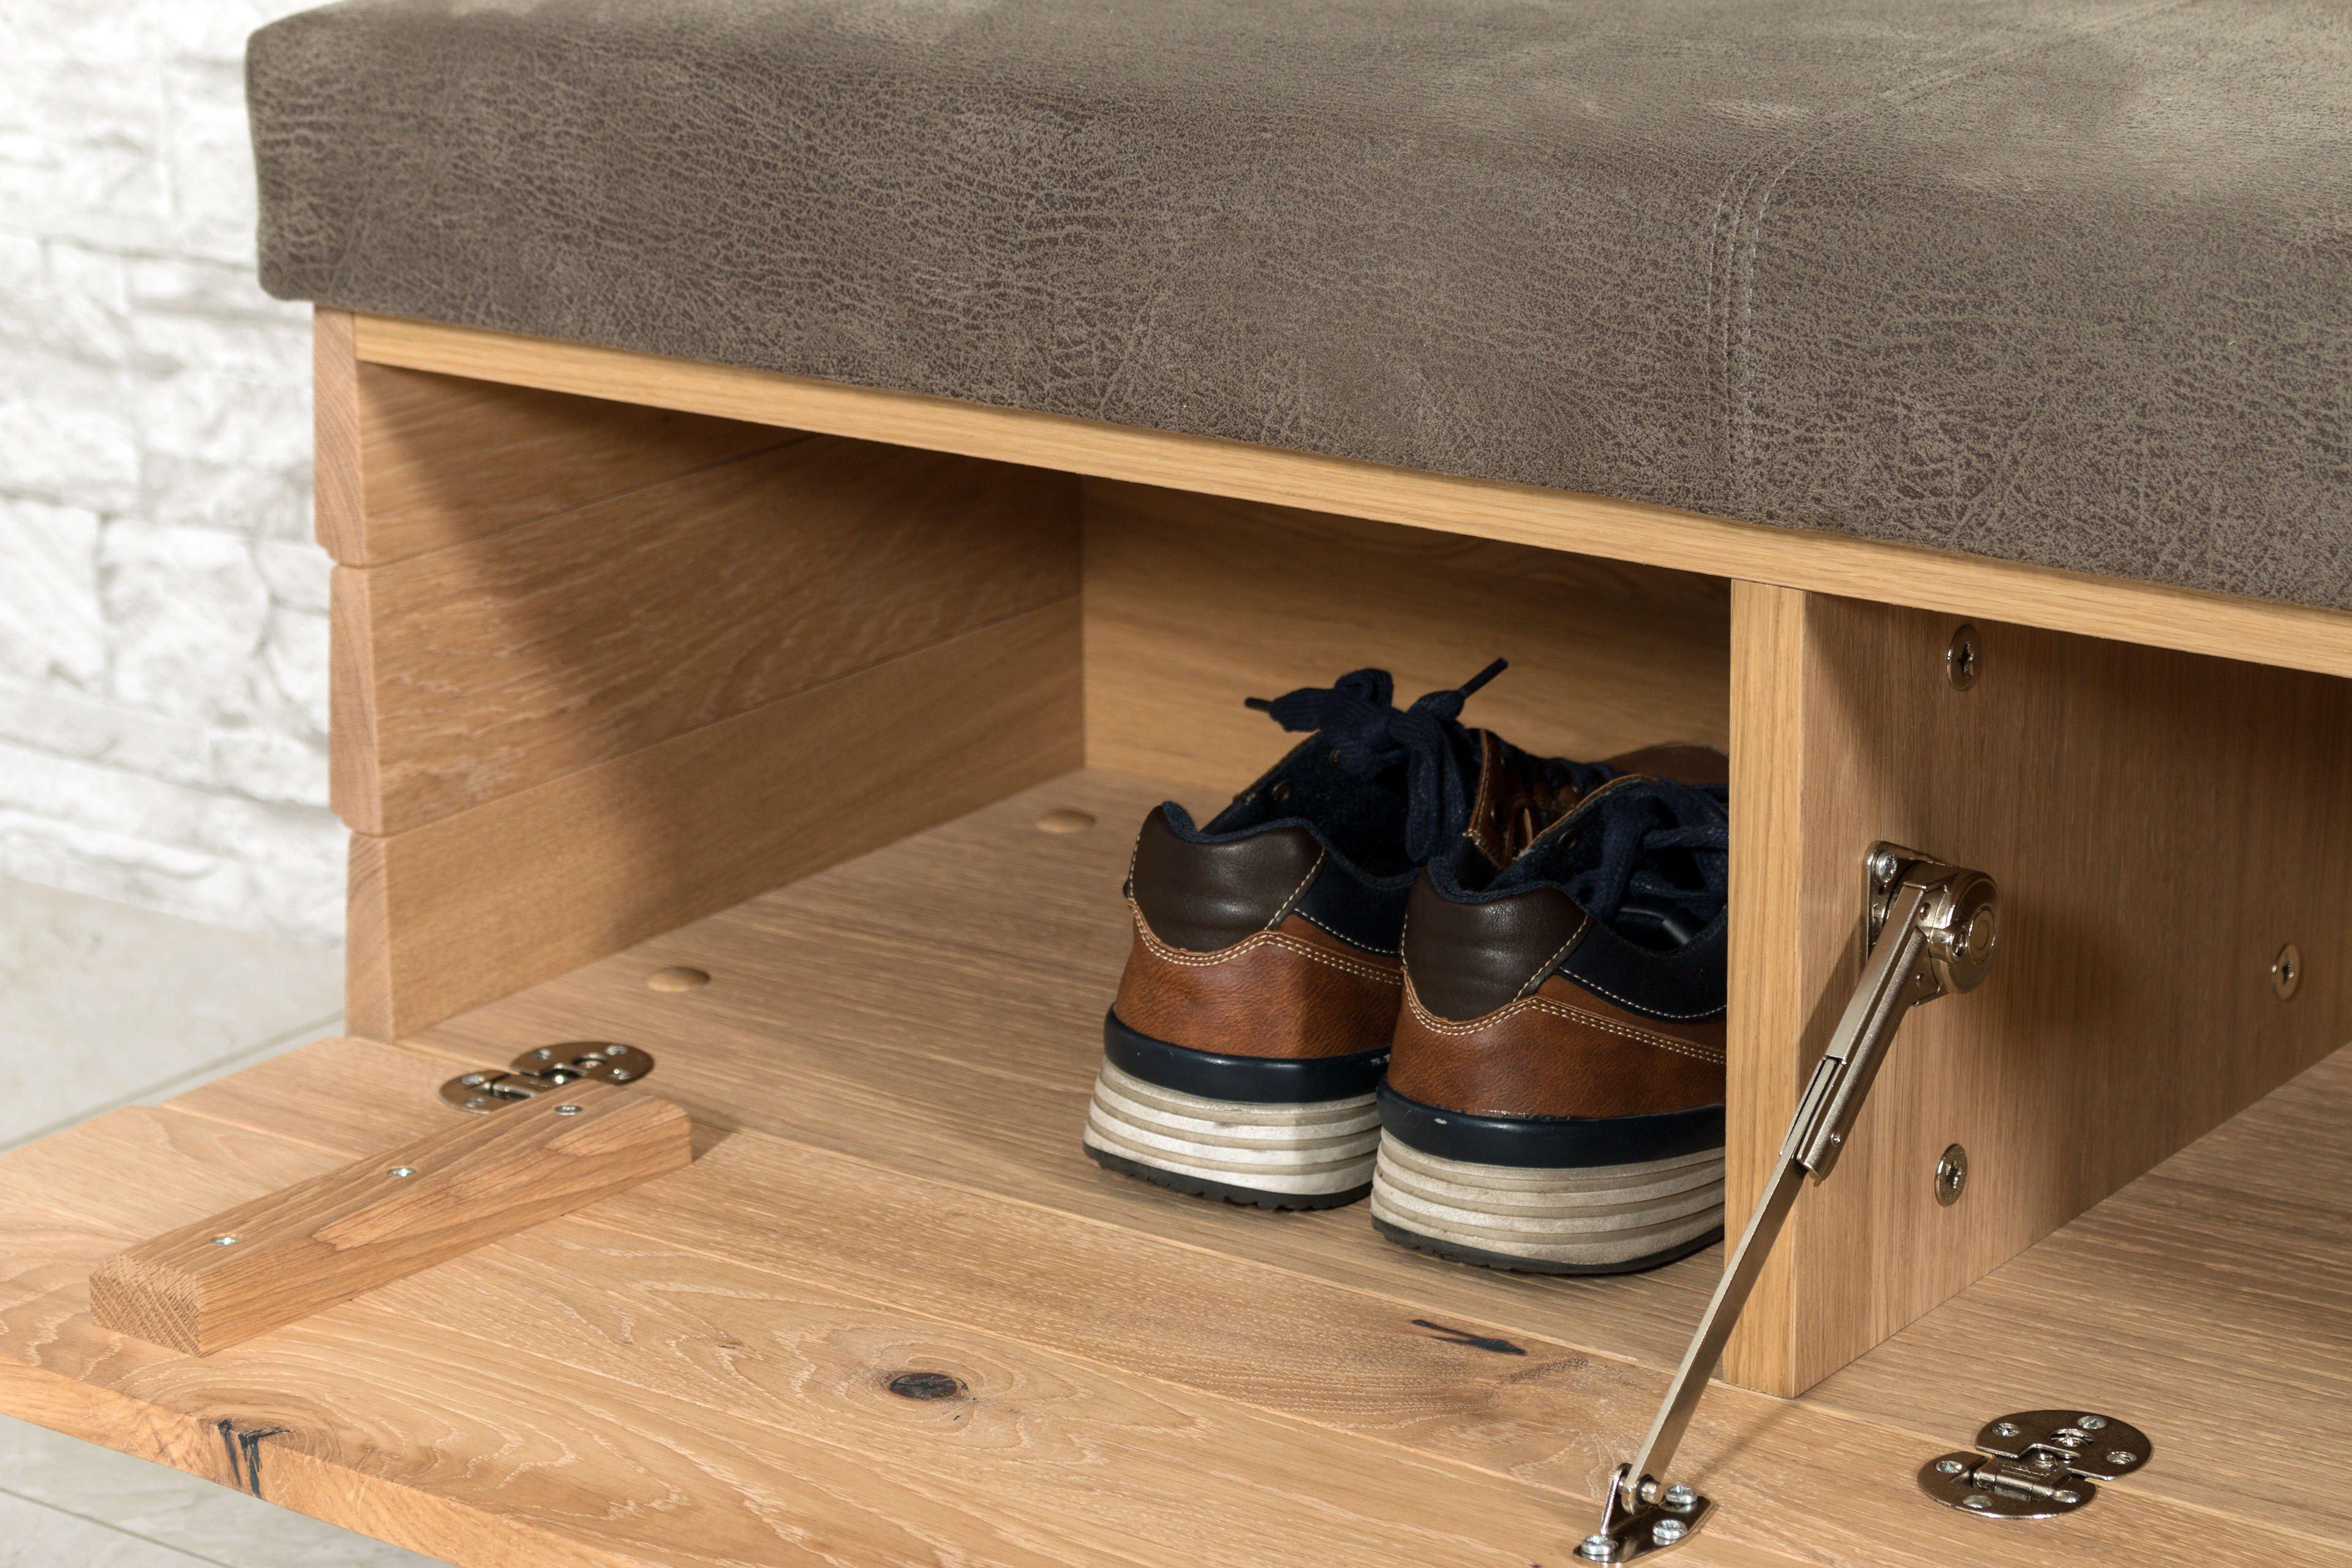 voglauer garderobe v organo orlinda mit eisenakzent m bel letz ihr online shop. Black Bedroom Furniture Sets. Home Design Ideas